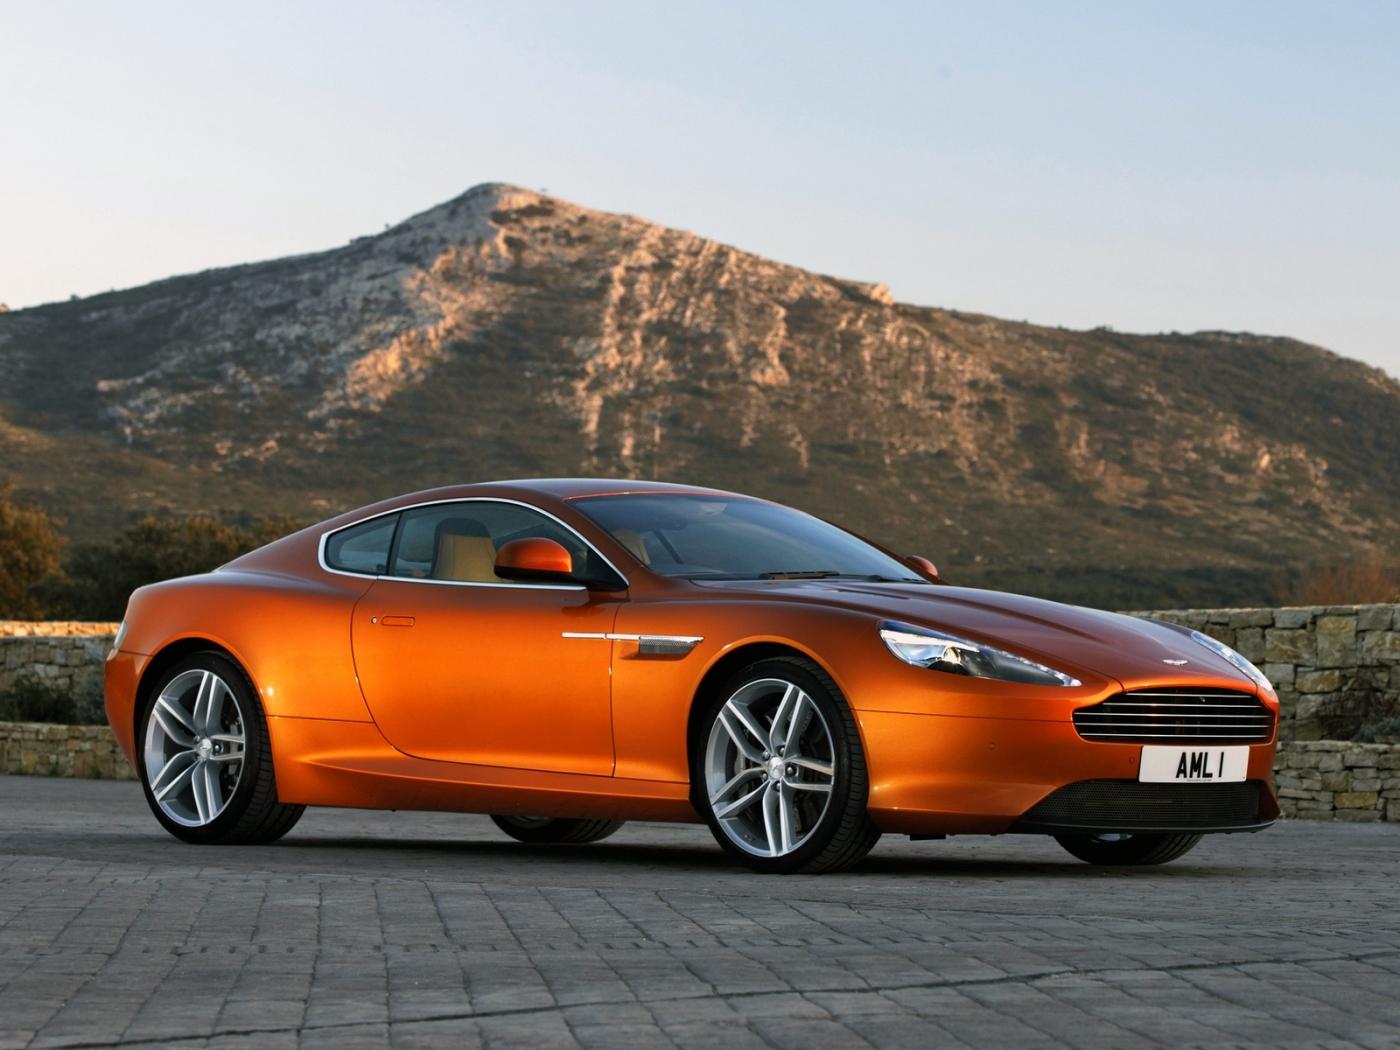 47530 скачать обои Транспорт, Машины, Астон Мартин (Aston Martin) - заставки и картинки бесплатно